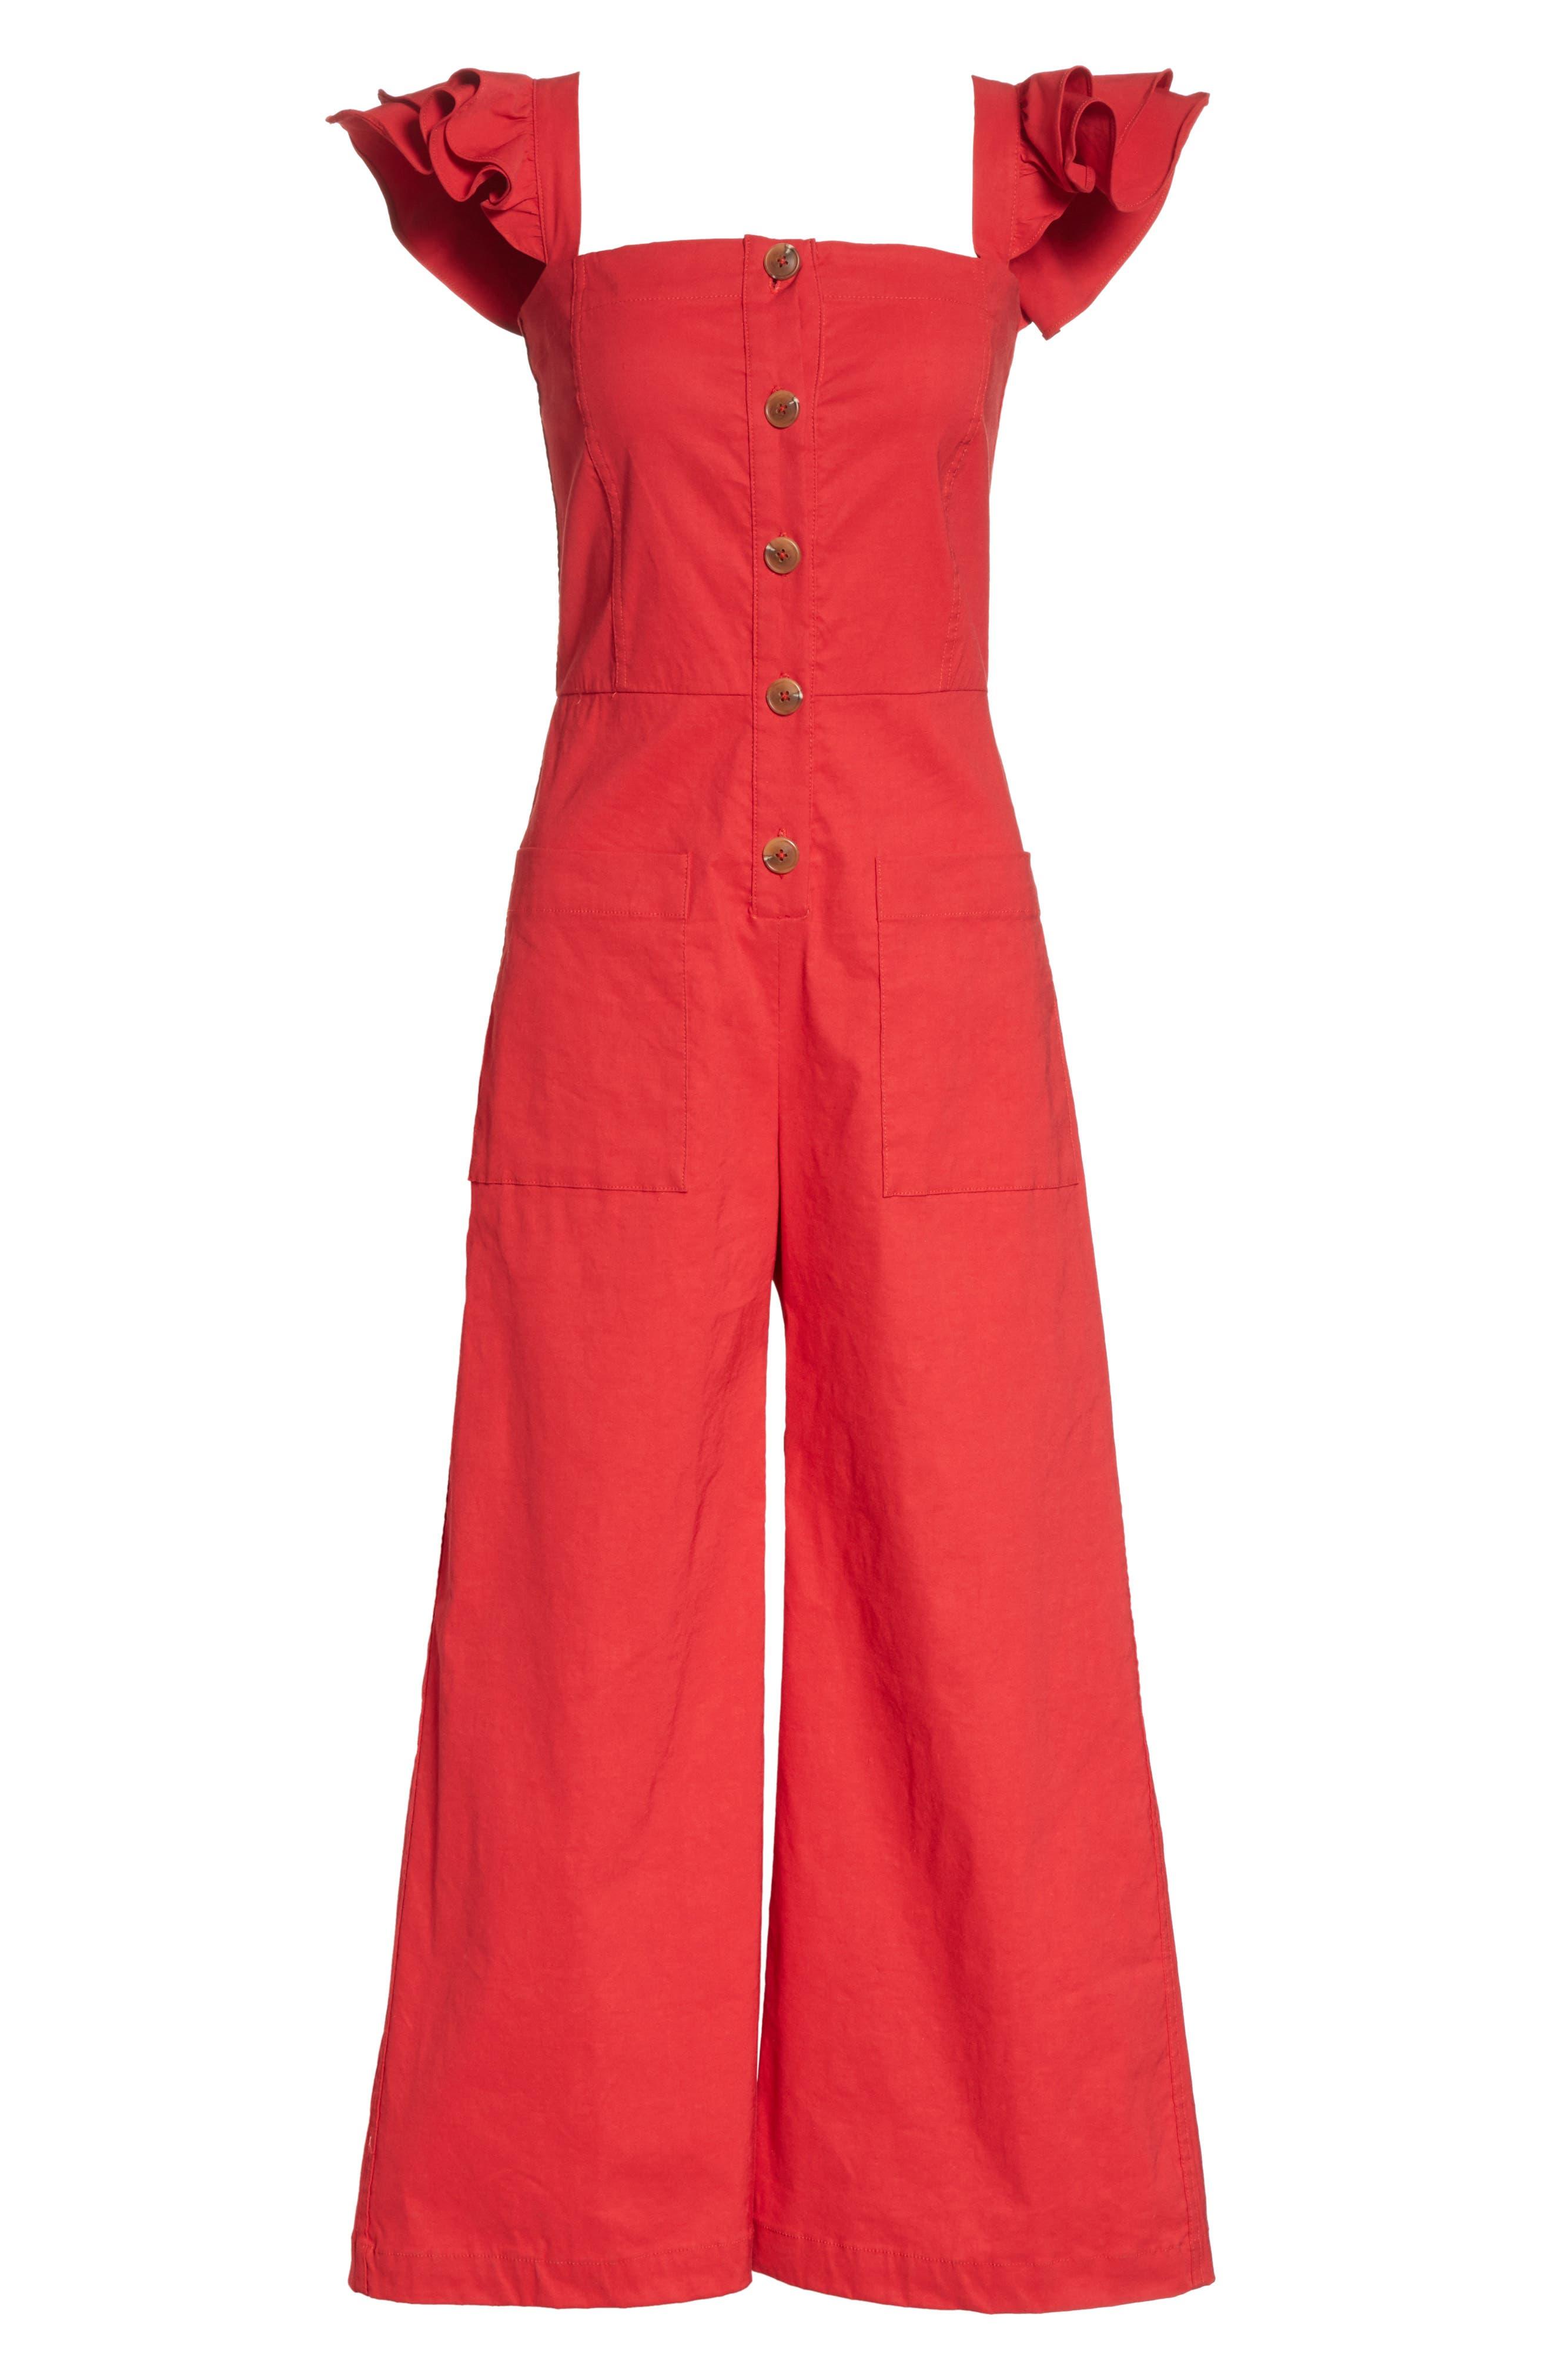 Callie Ruffle Strap Jumpsuit,                             Alternate thumbnail 6, color,                             600